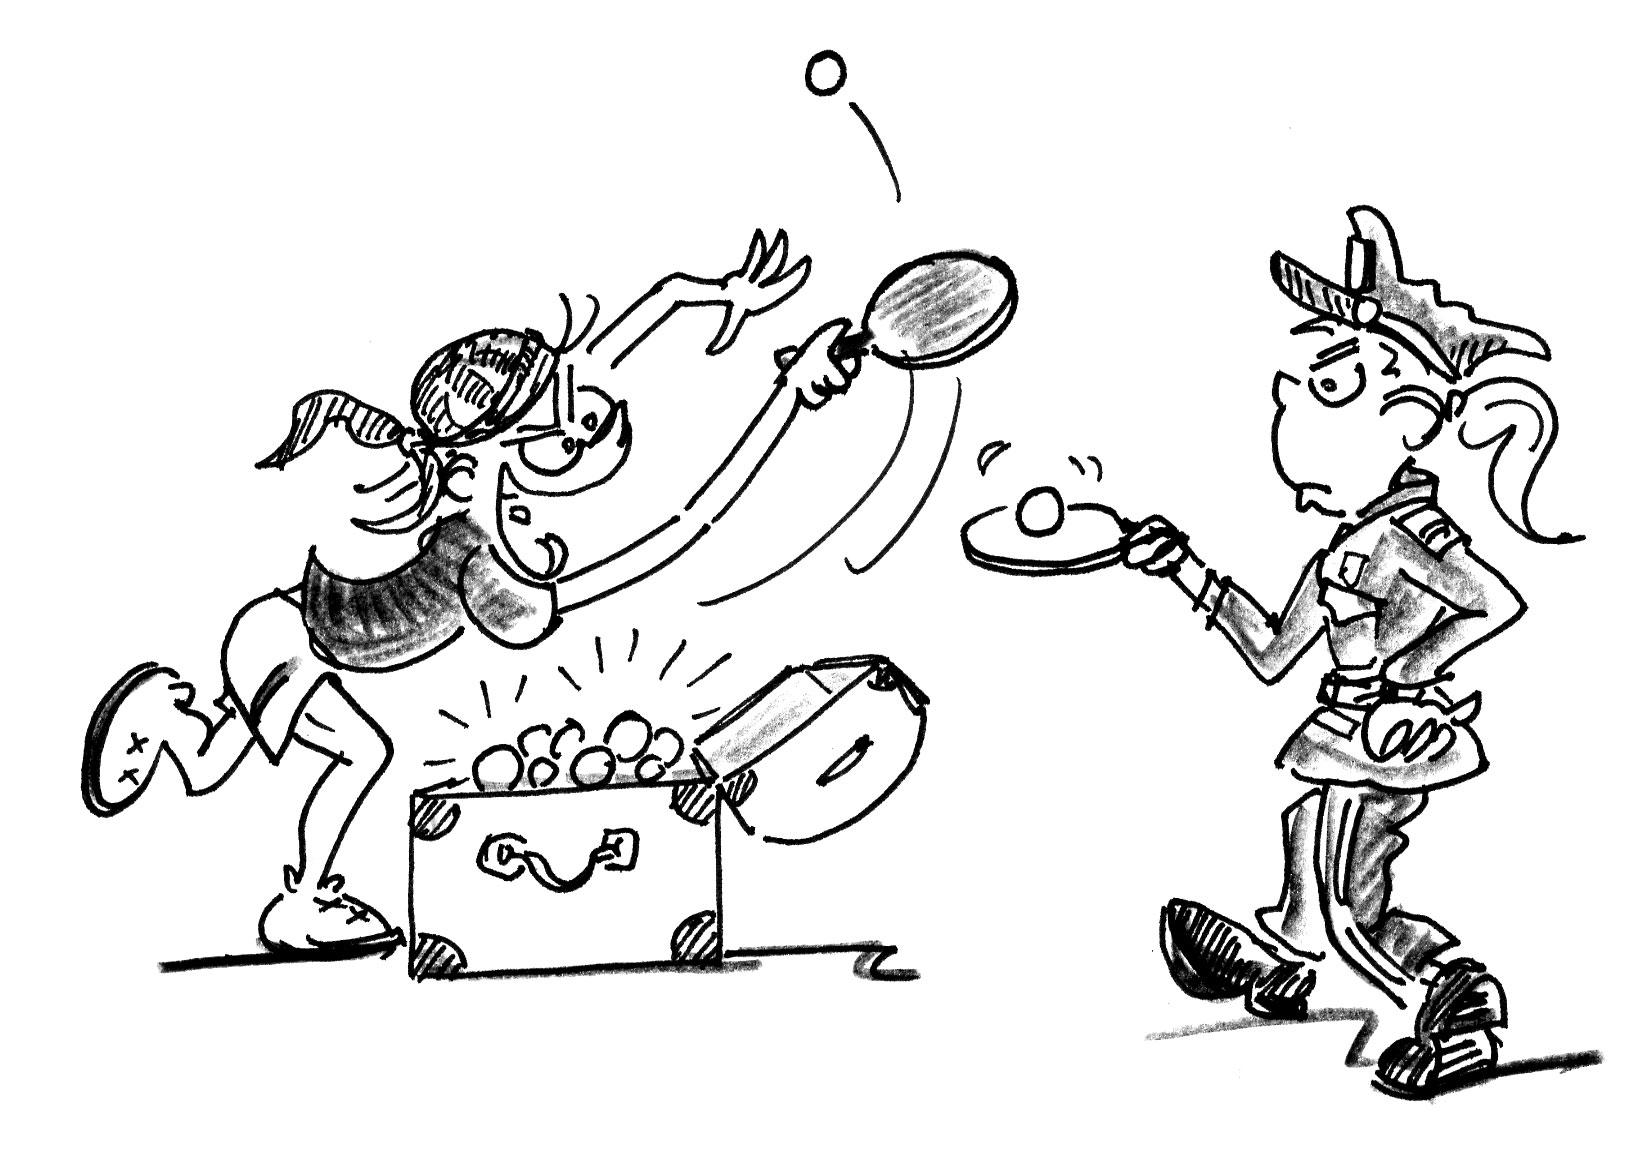 Jeux De Renvoi Avec Enfants – Tennis De Table: Police Et tout Jeux Ludique Enfant